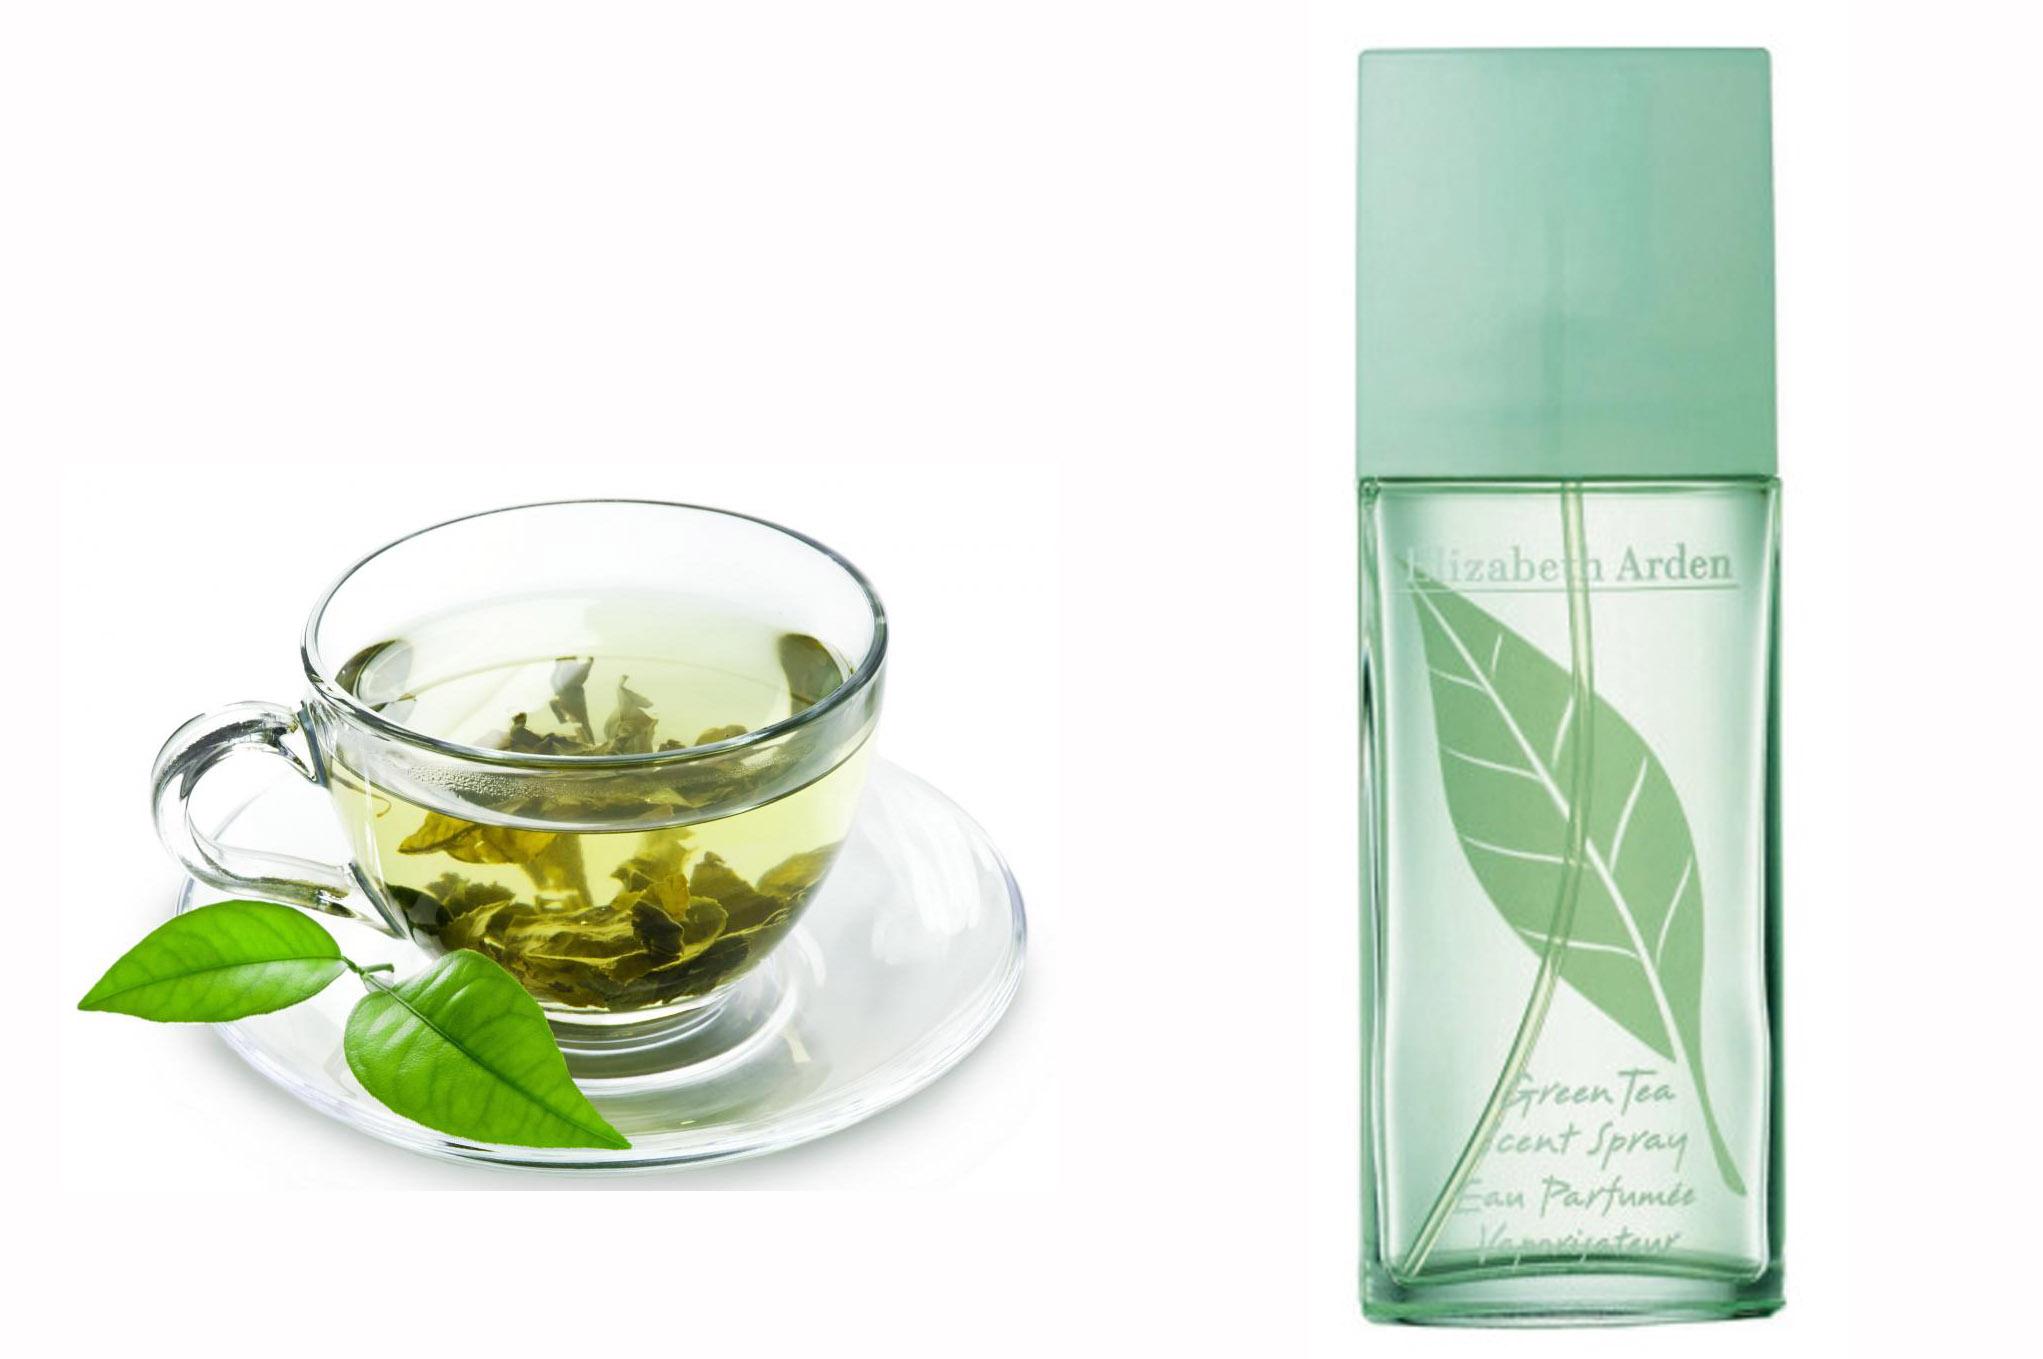 Минималистичные ароматы: Elizabeth Arden Green Tea